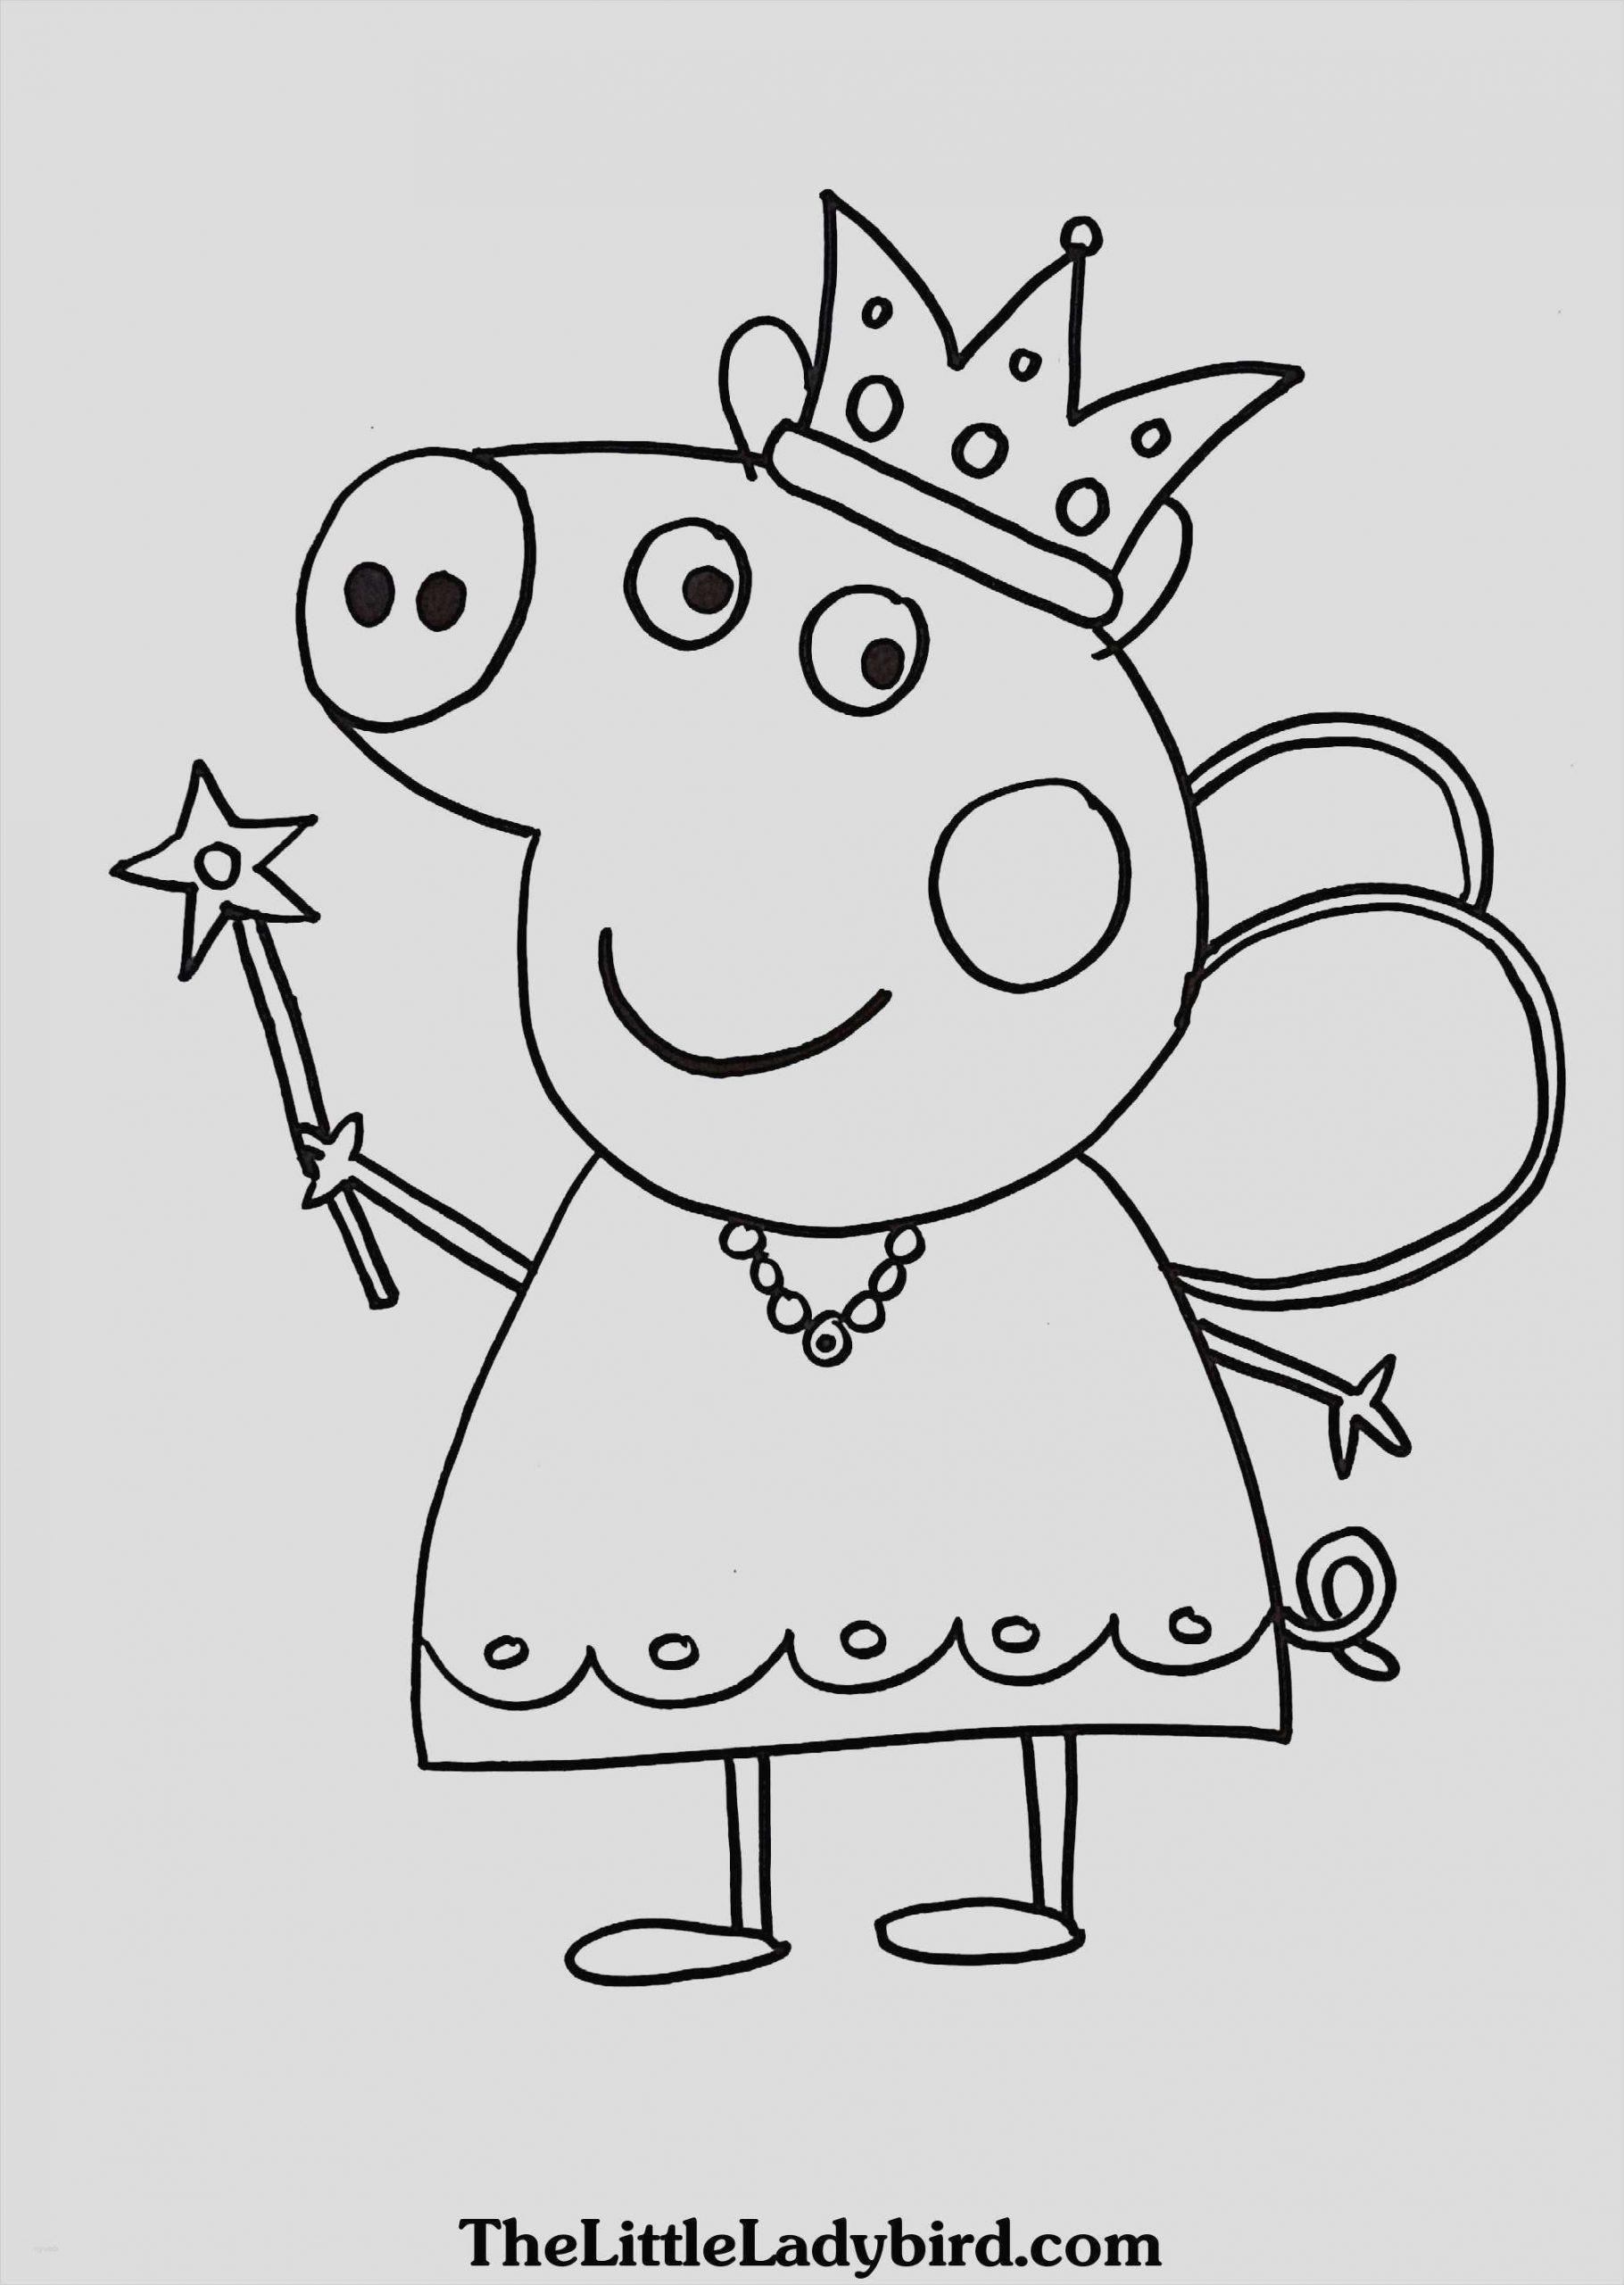 Stickbilder Für Kinder Vorlagen 14 Genial Gut Designt Solche innen Vorlagen Zum Ausmalen